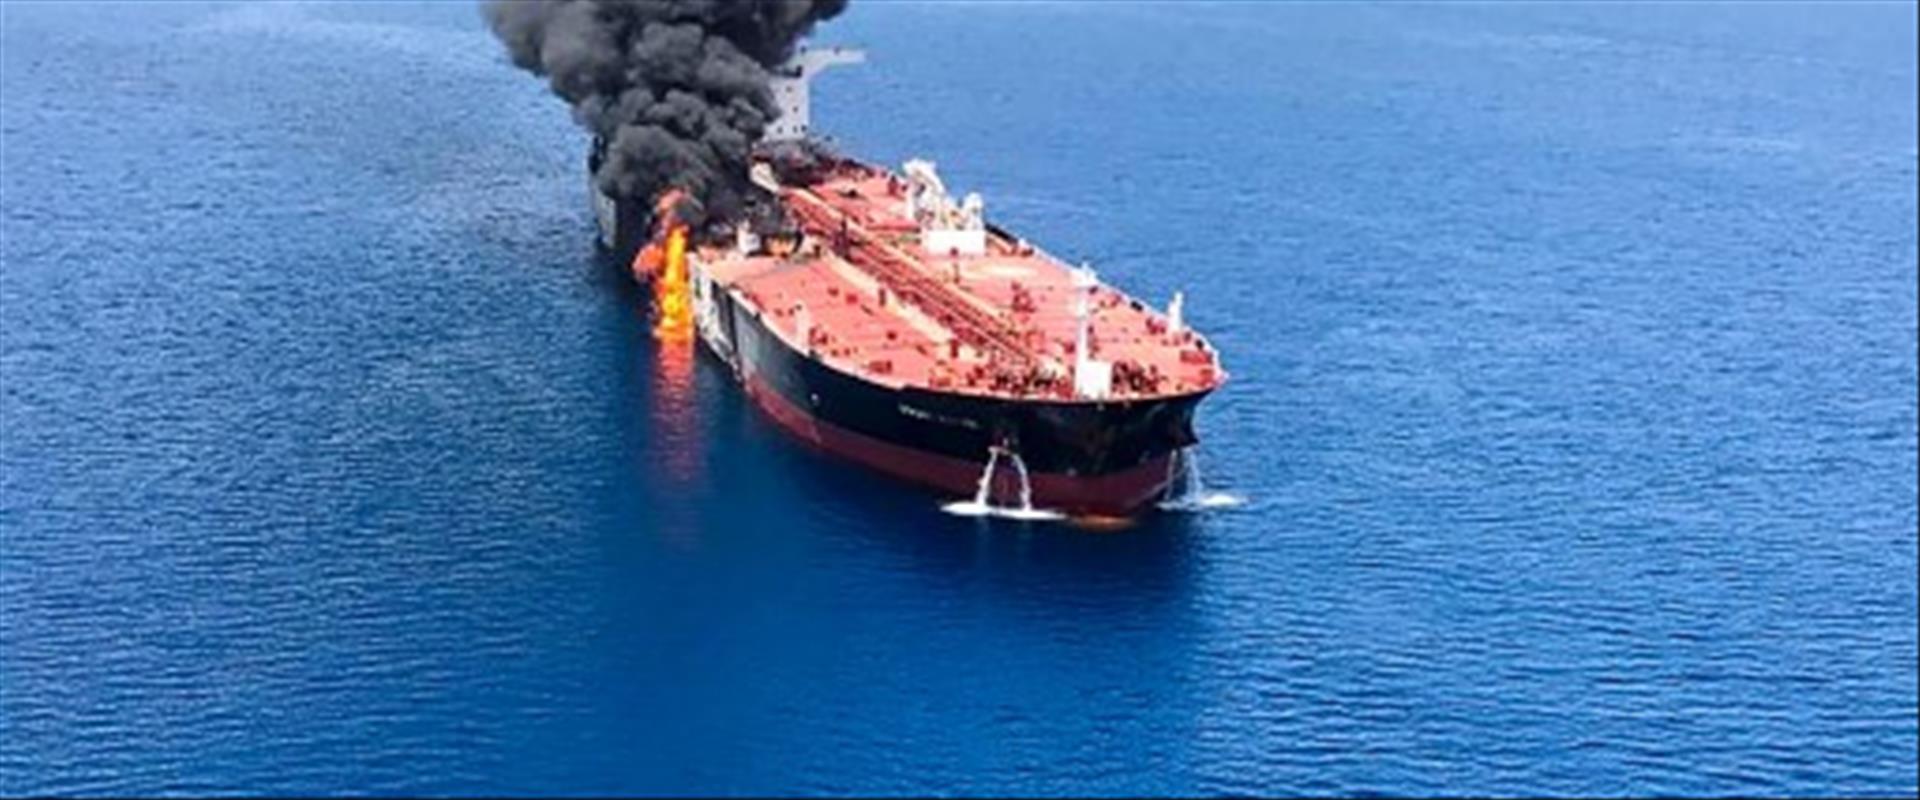 מכלית בוערת במפרץ